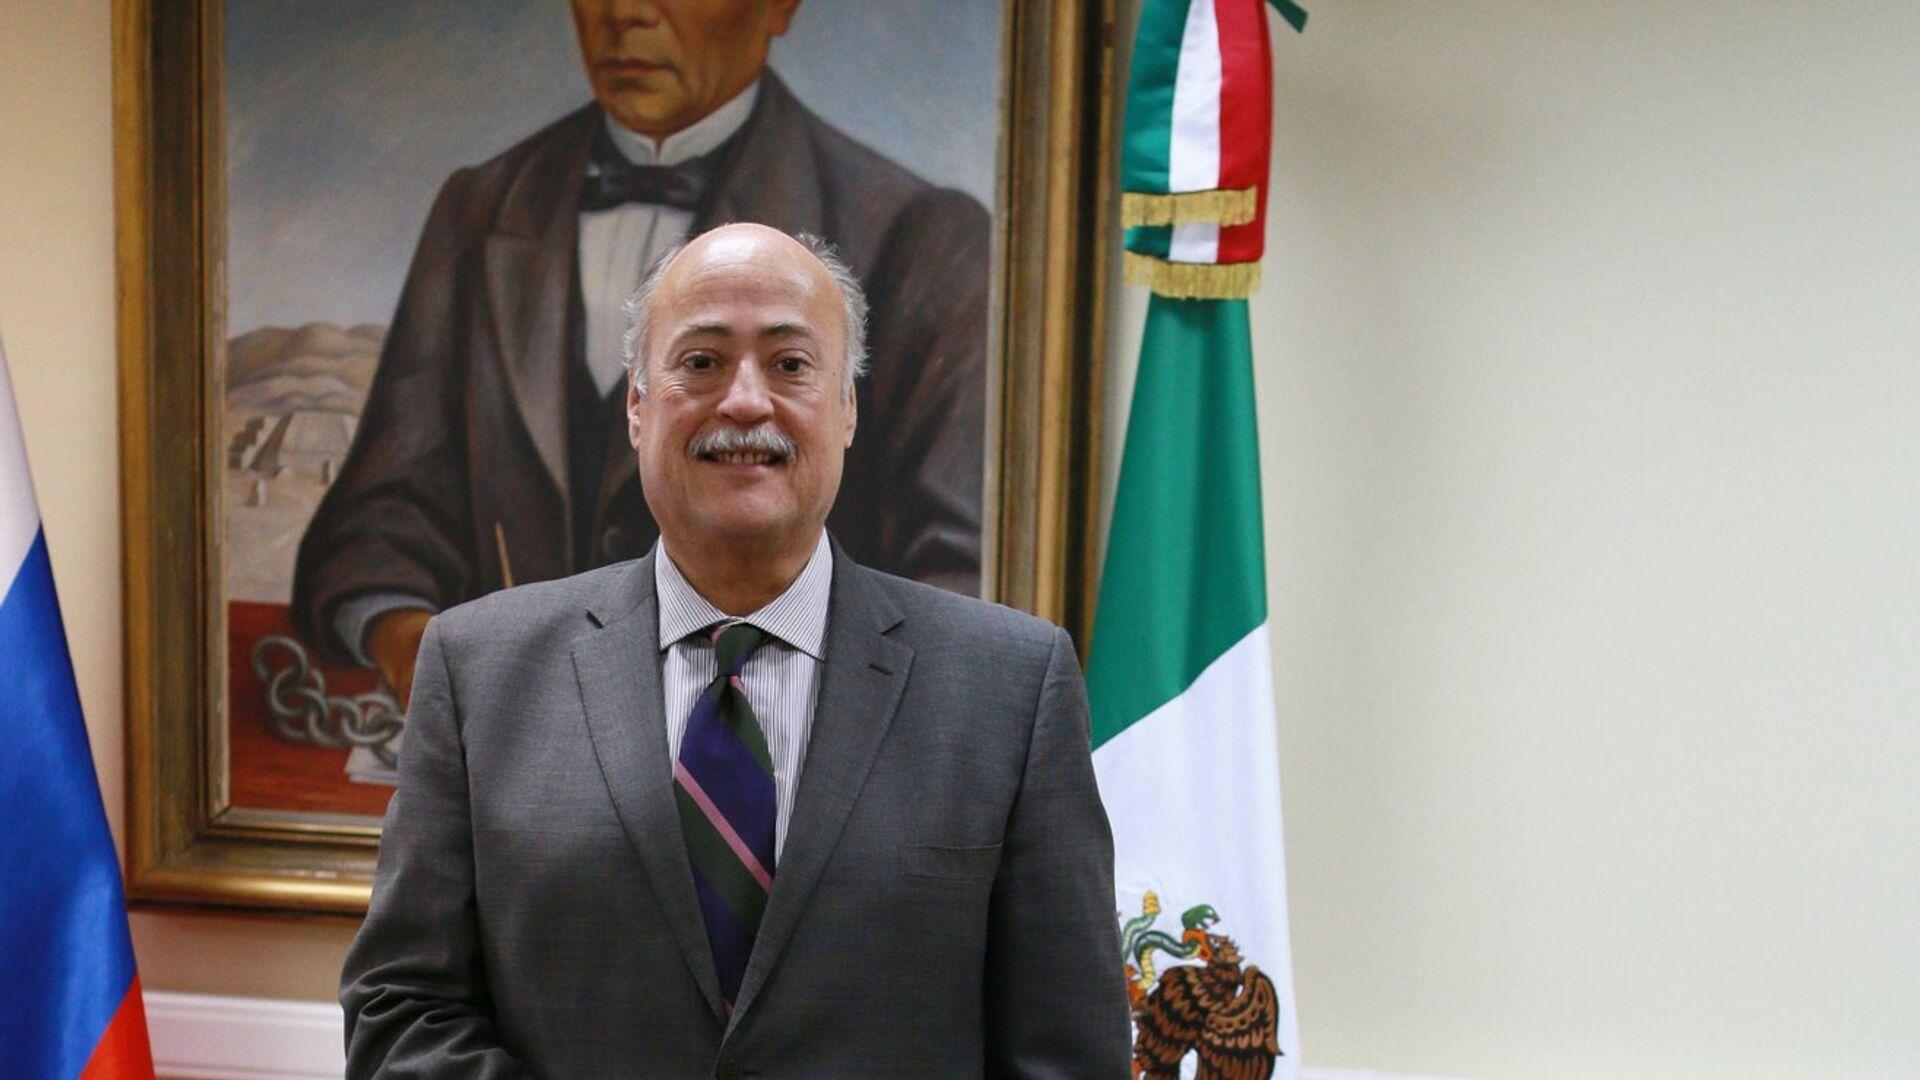 Интервью с послом Мексики Рубеном Бельтраном - Sputnik Mundo, 1920, 23.06.2021